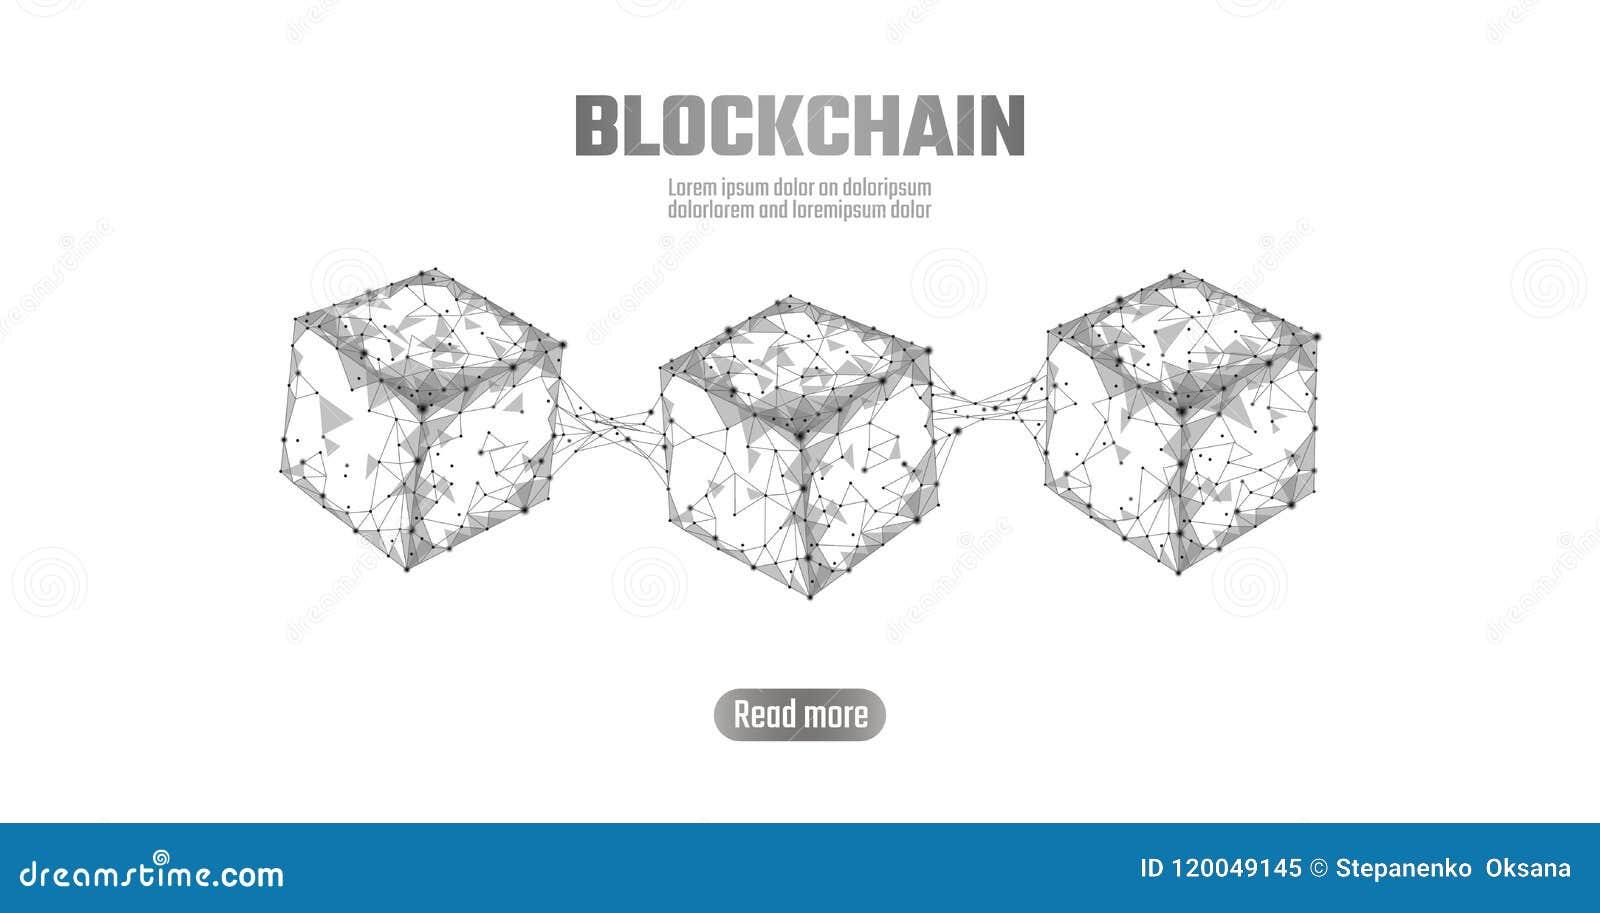 Σύμβολο αλυσίδων κύβων Blockchain στις τετραγωνικές πληροφορίες ροής στοιχείων κώδικα μεγάλες Γκριζόλευκο ουδέτερο ύφος παρουσίασ